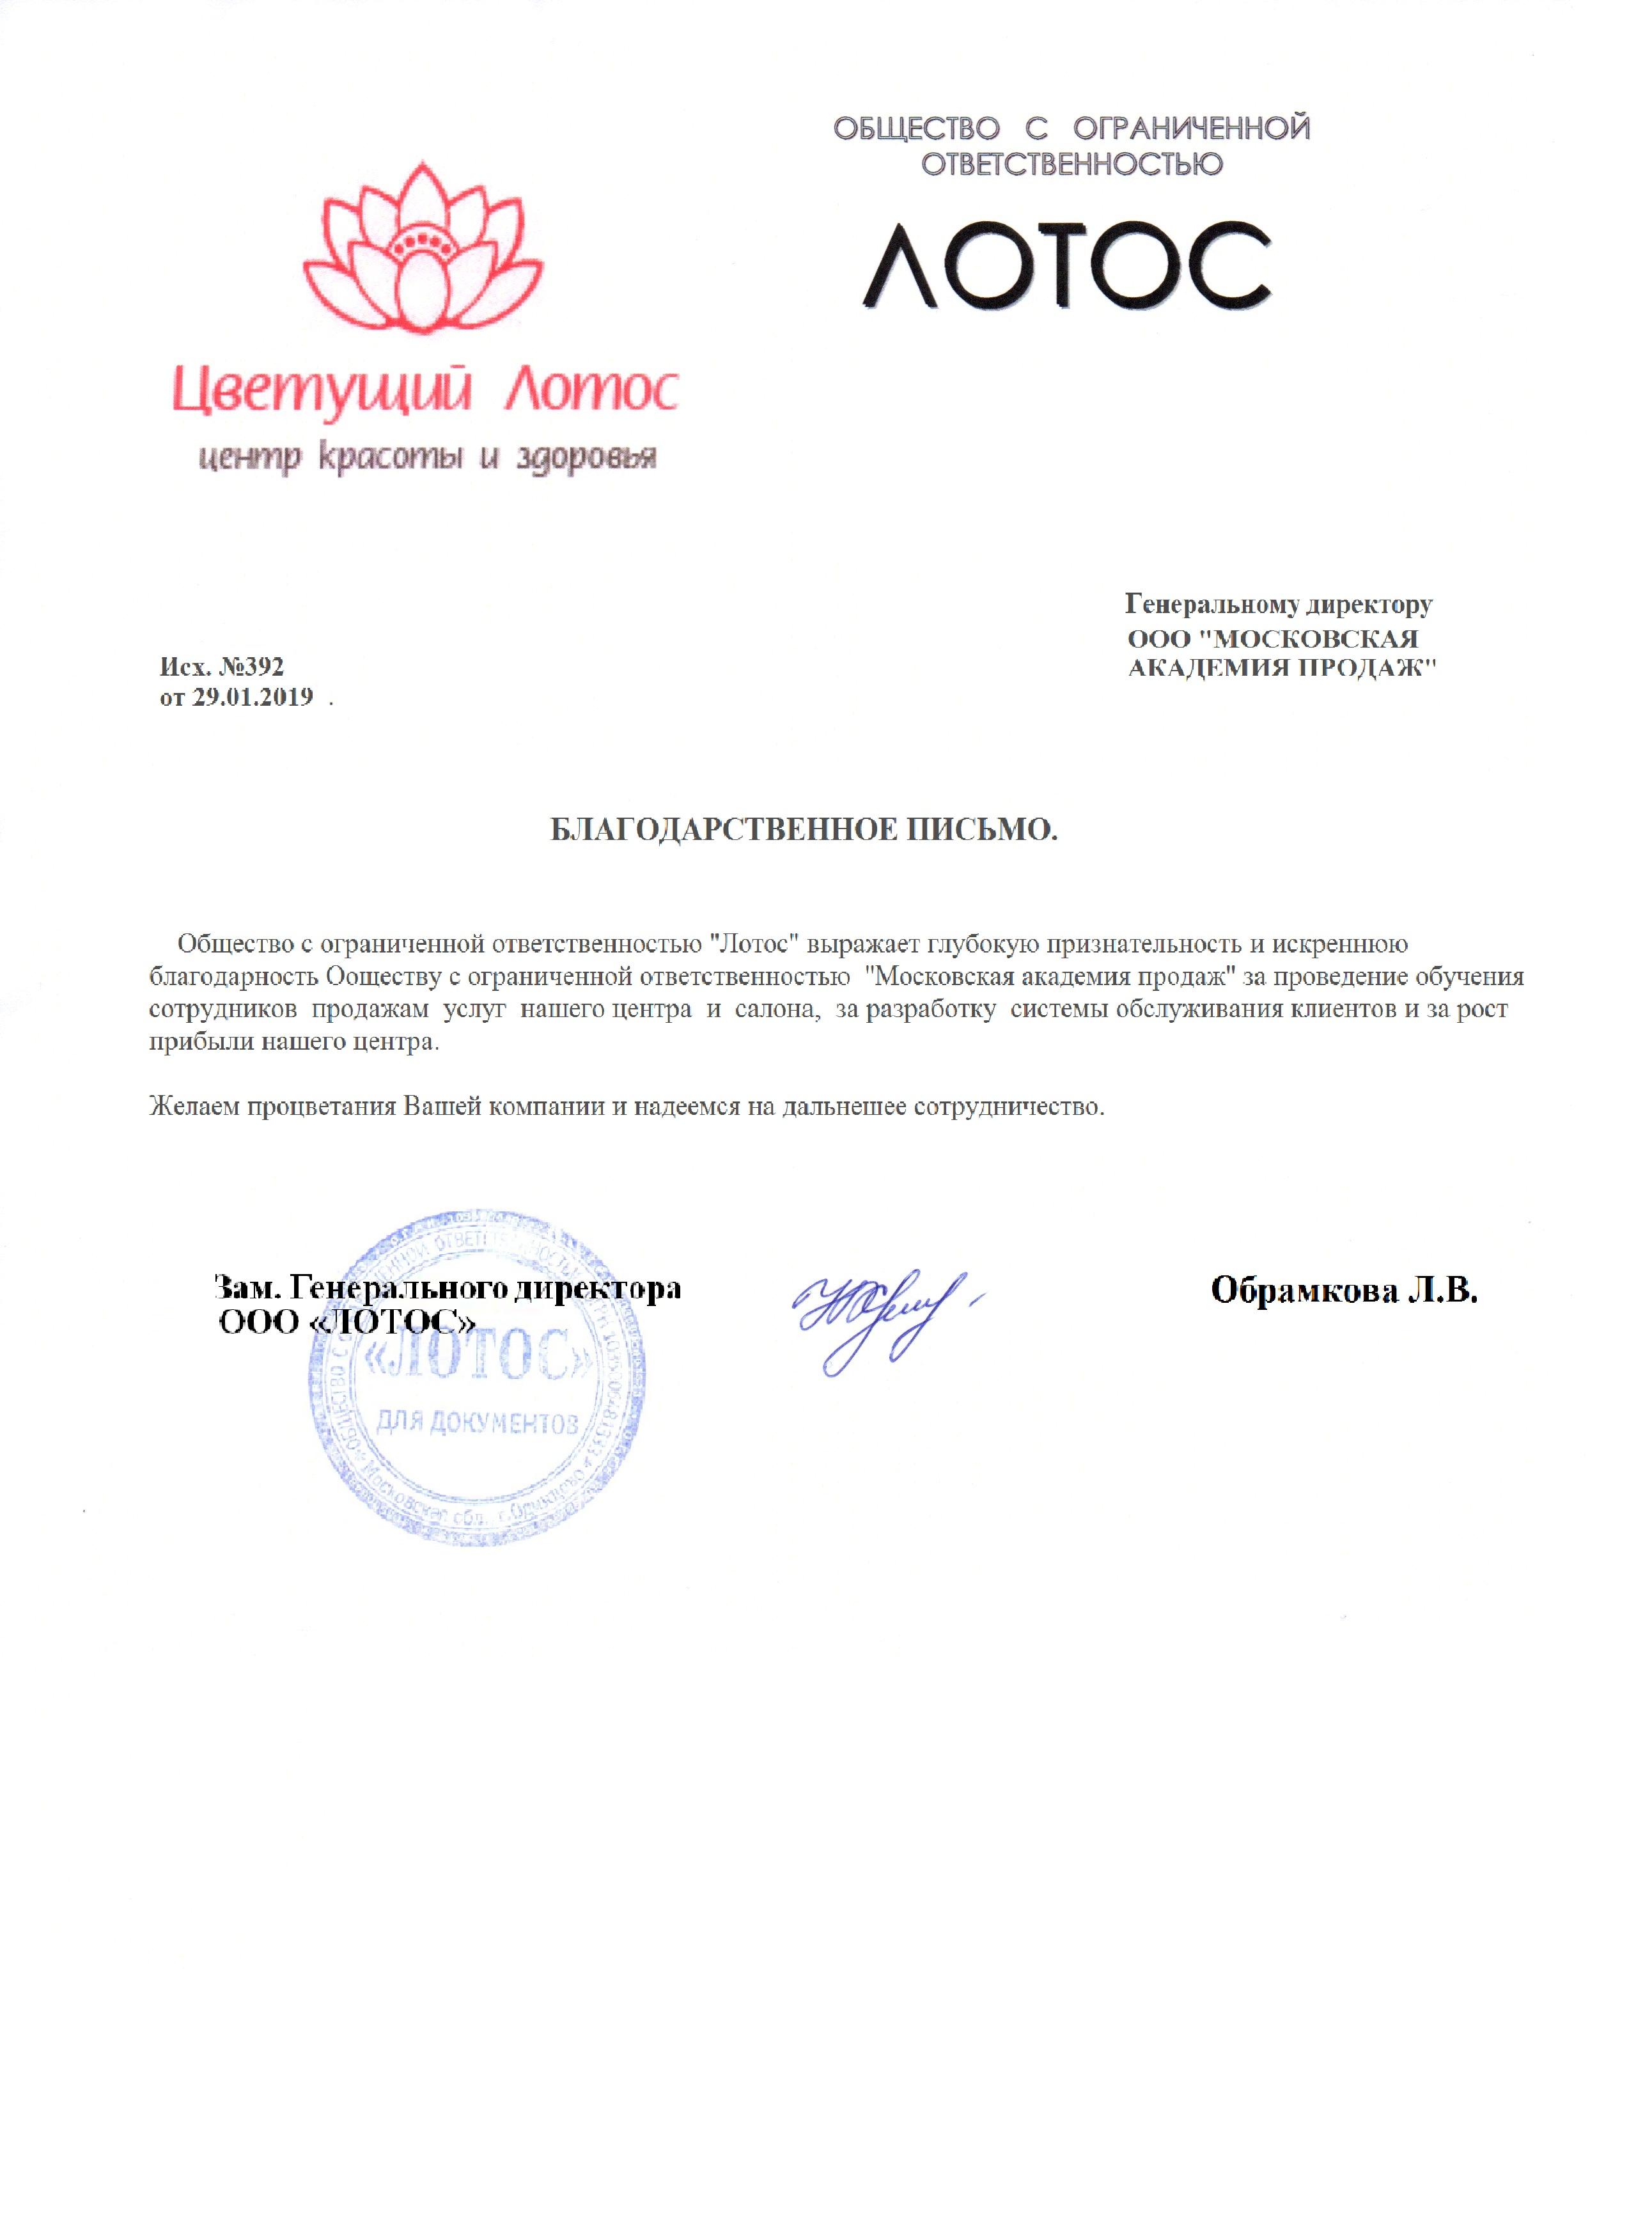 отзыв о московской академии продаж